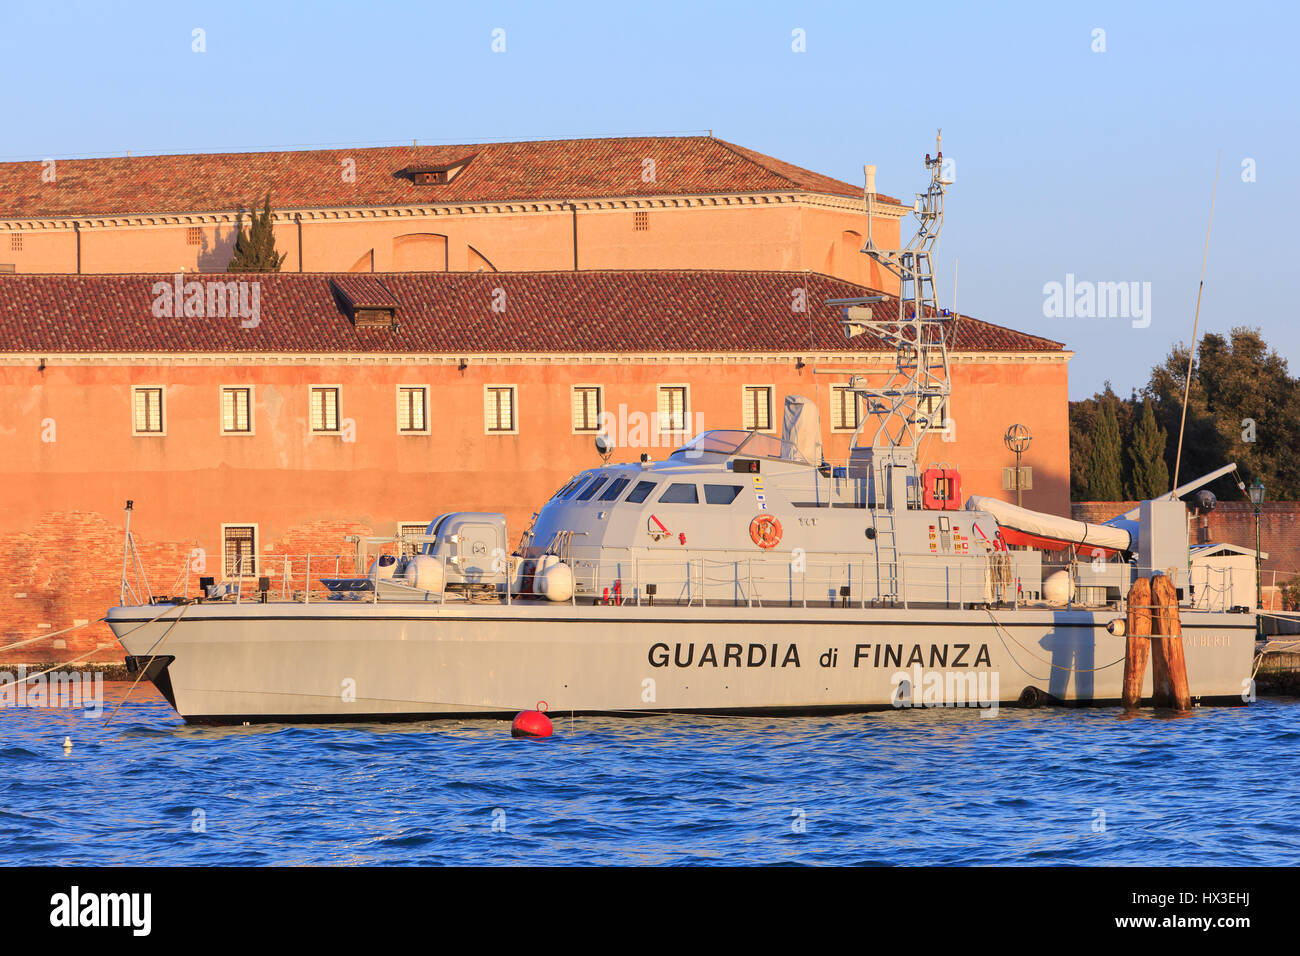 A patrol boat of the Guardia di Finanza (customs) moored at Giudecca Island in Venice, Italy - Stock Image